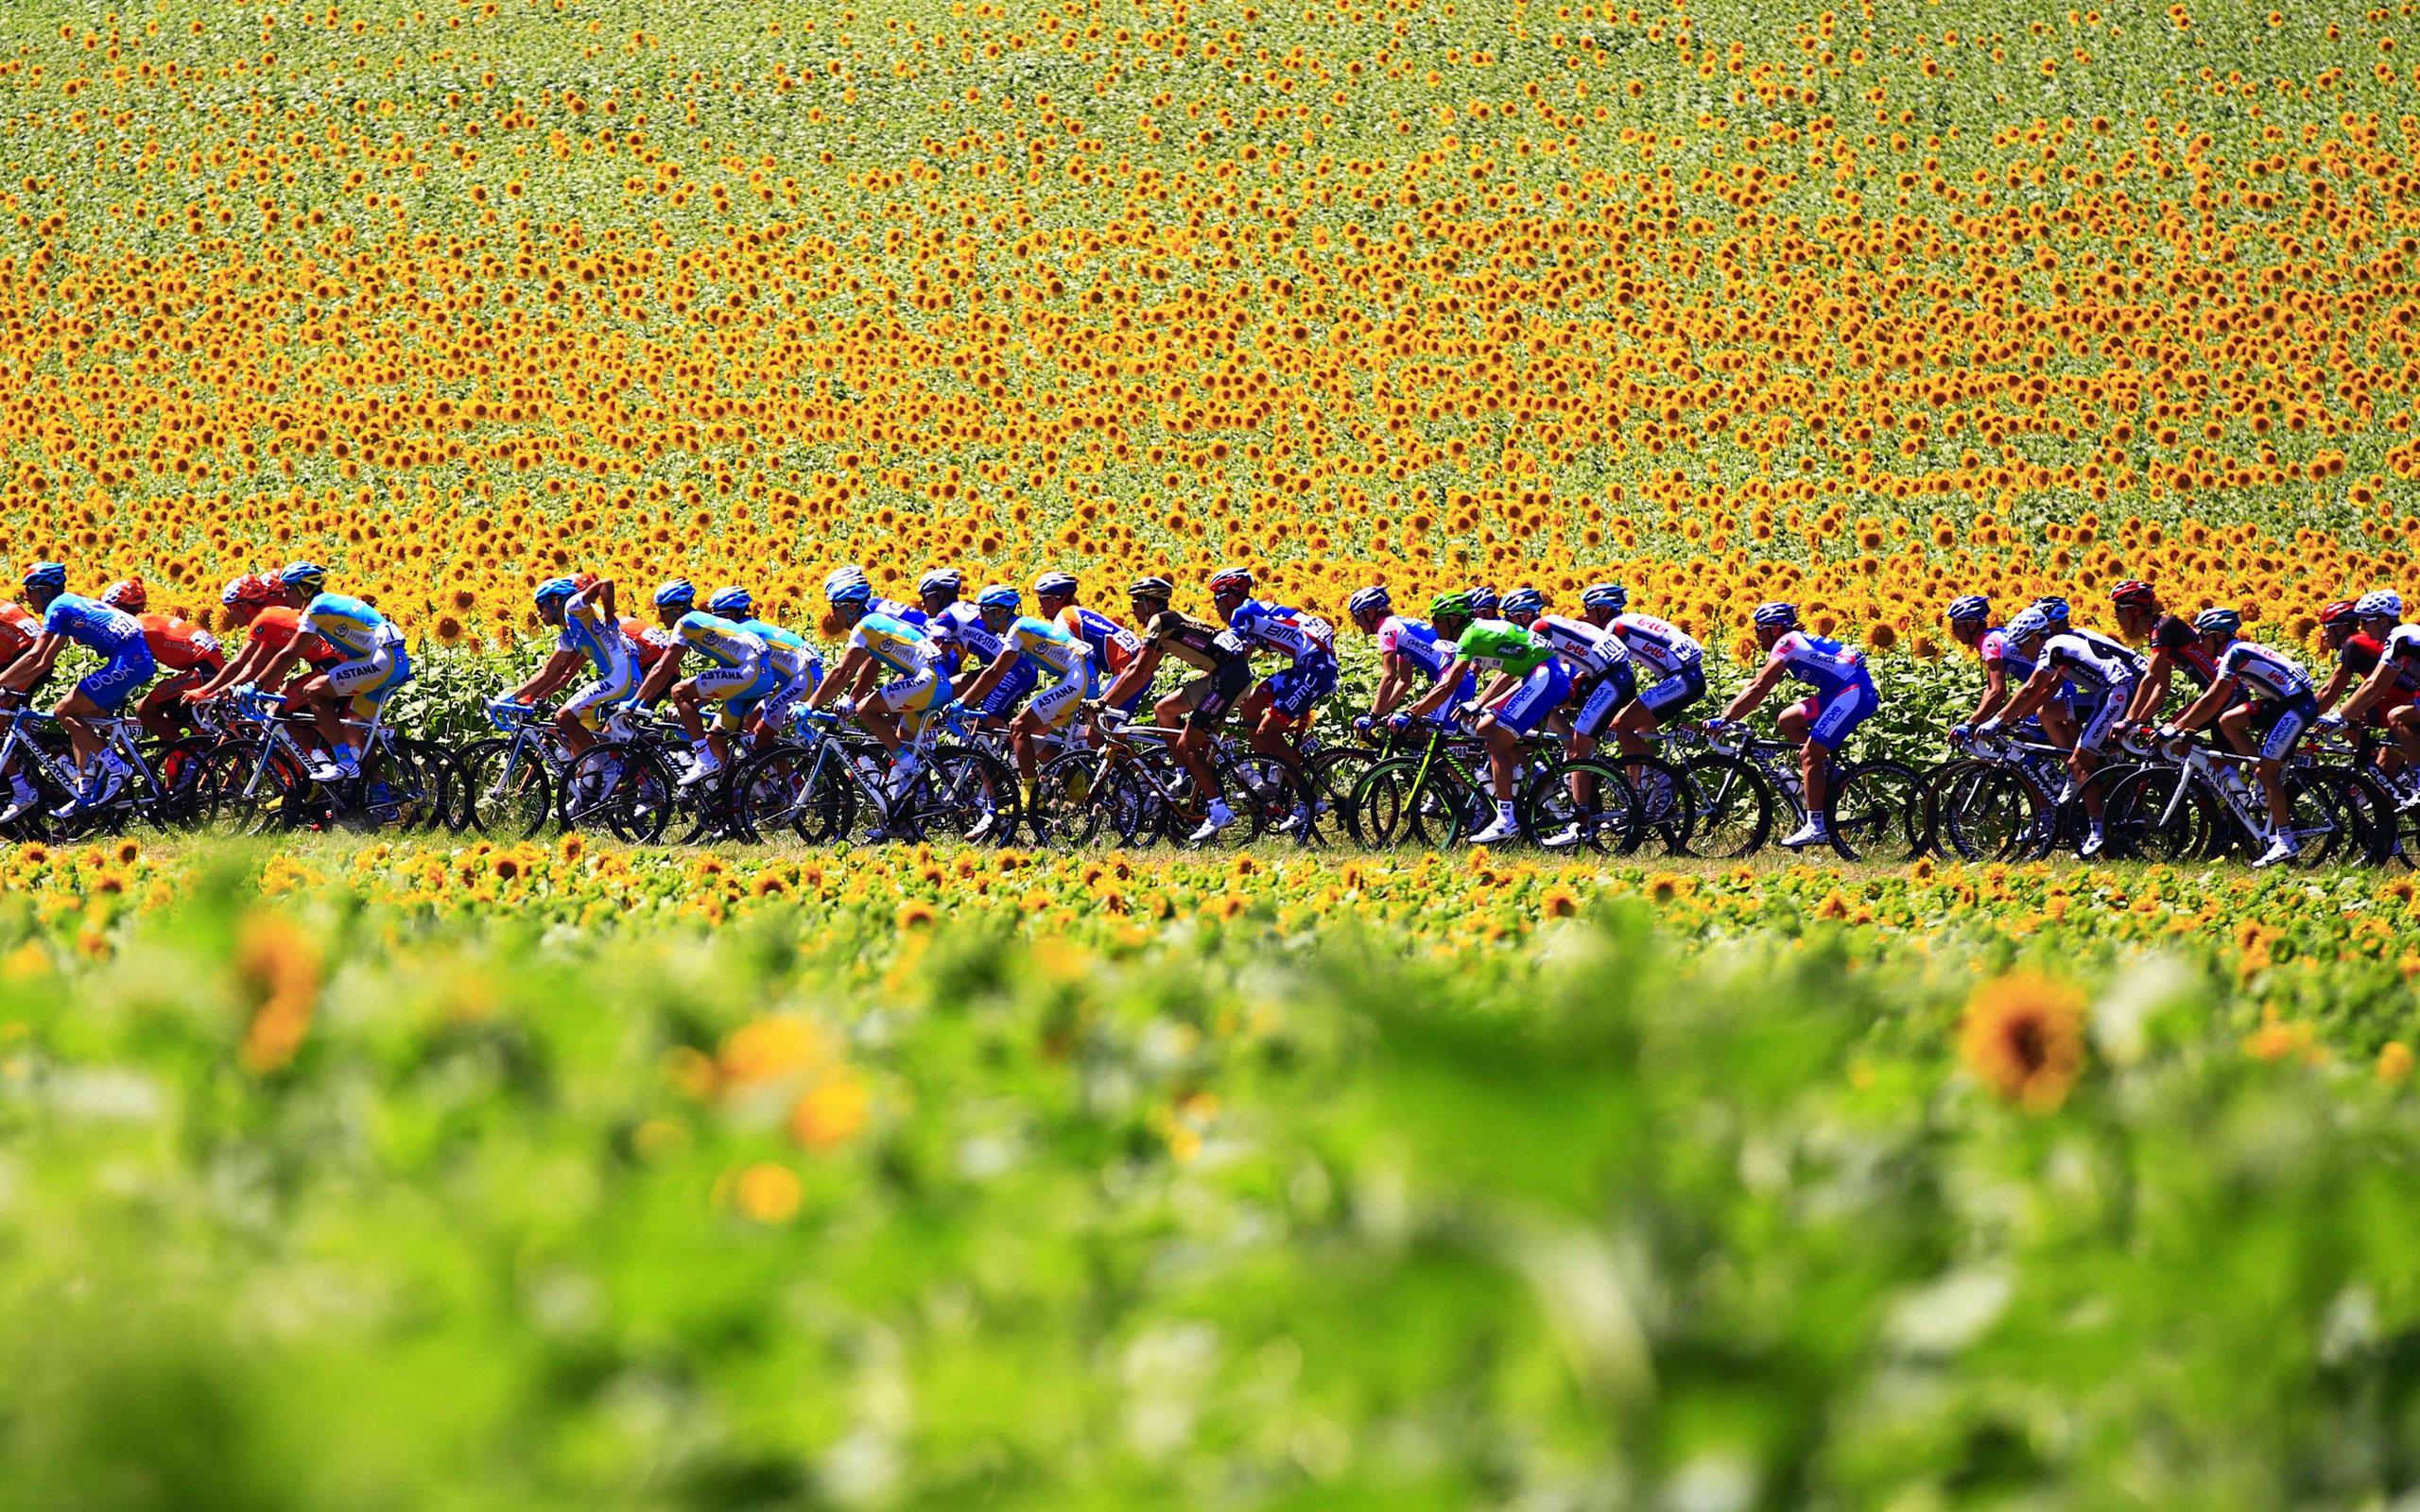 JACQUELINE YAUMenuConfessions of a Tour de France JunkieRecent PostsPagesTags